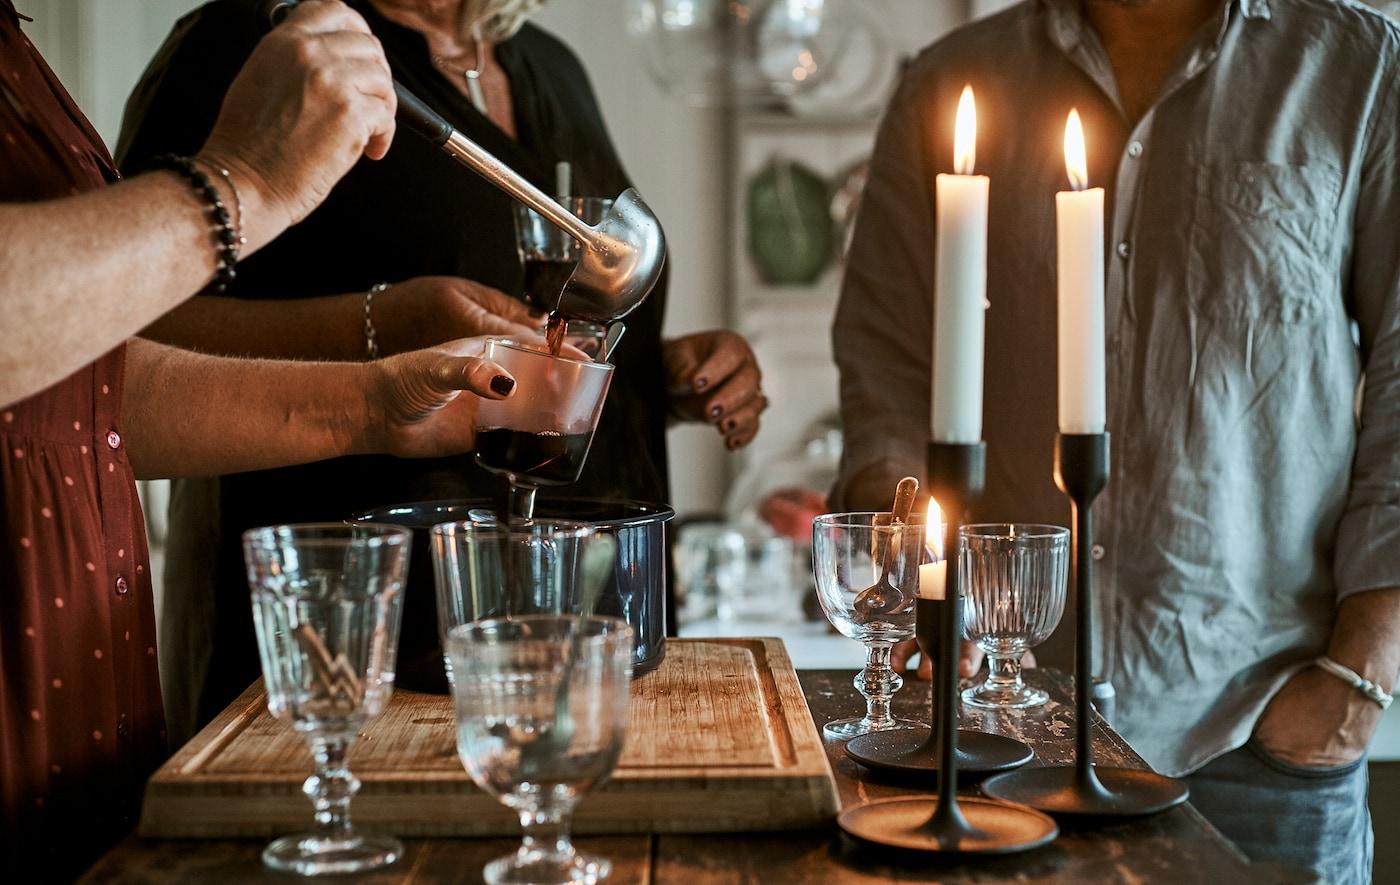 Personer står vid en köksö med glas och tända ljus och en skål med varm glögg, där en person serverar drycken i ett glas.